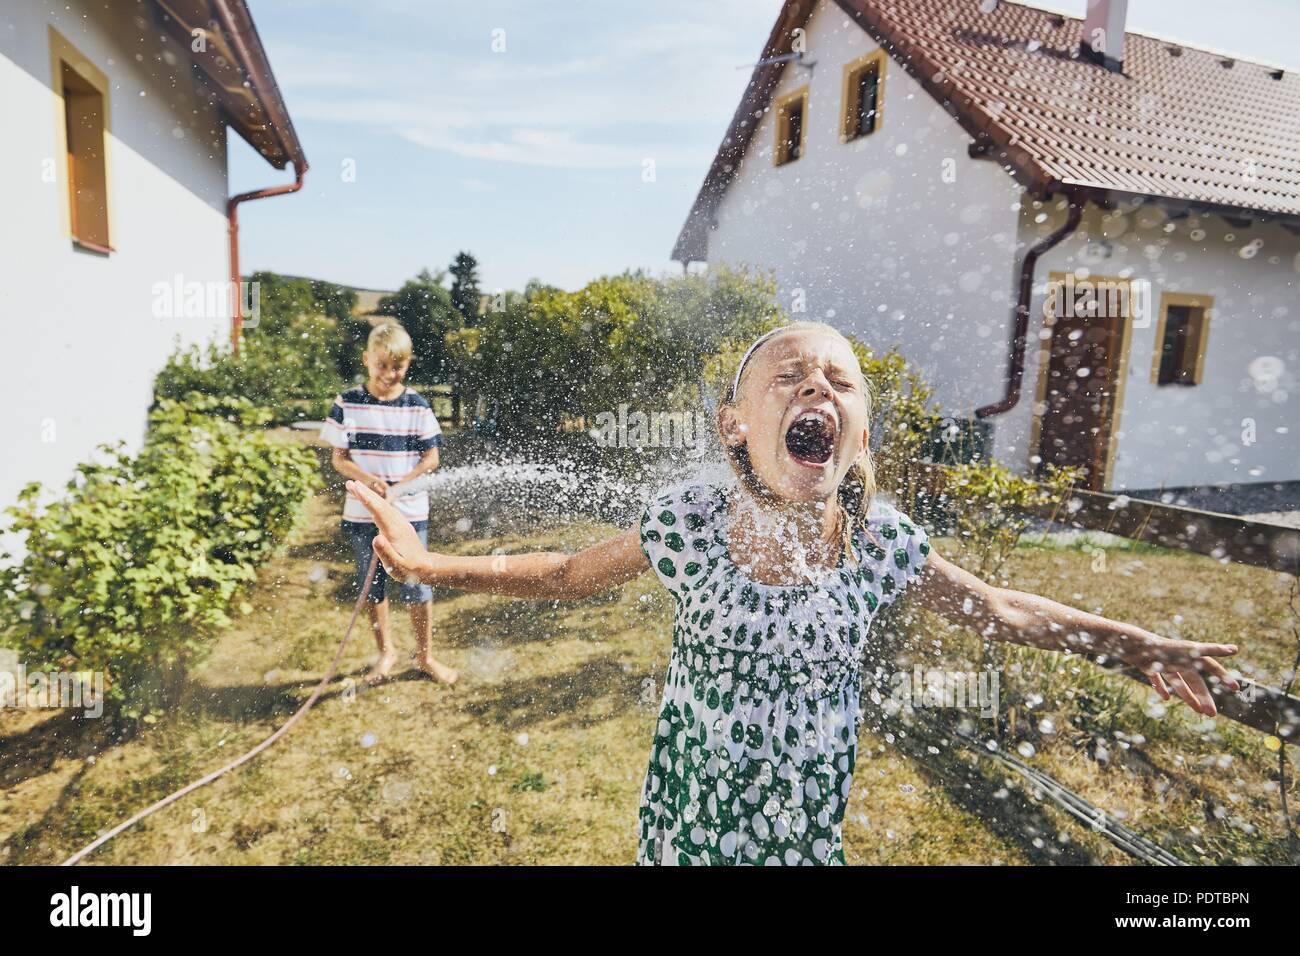 I bambini si divertono con spruzzi d'acqua. I fratelli sul cortile della casa durante il giorno d'estate. Immagini Stock